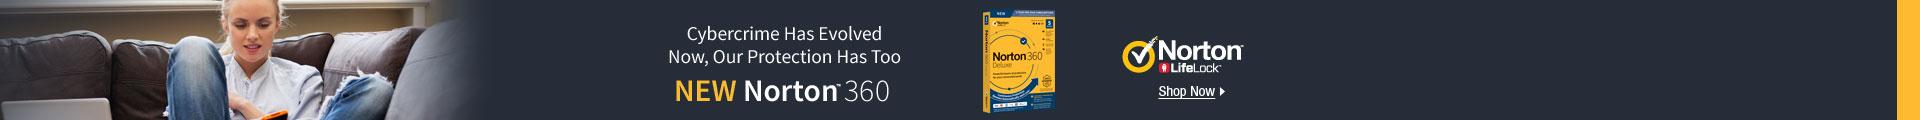 Antivirus Software, Internet Security - Newegg com